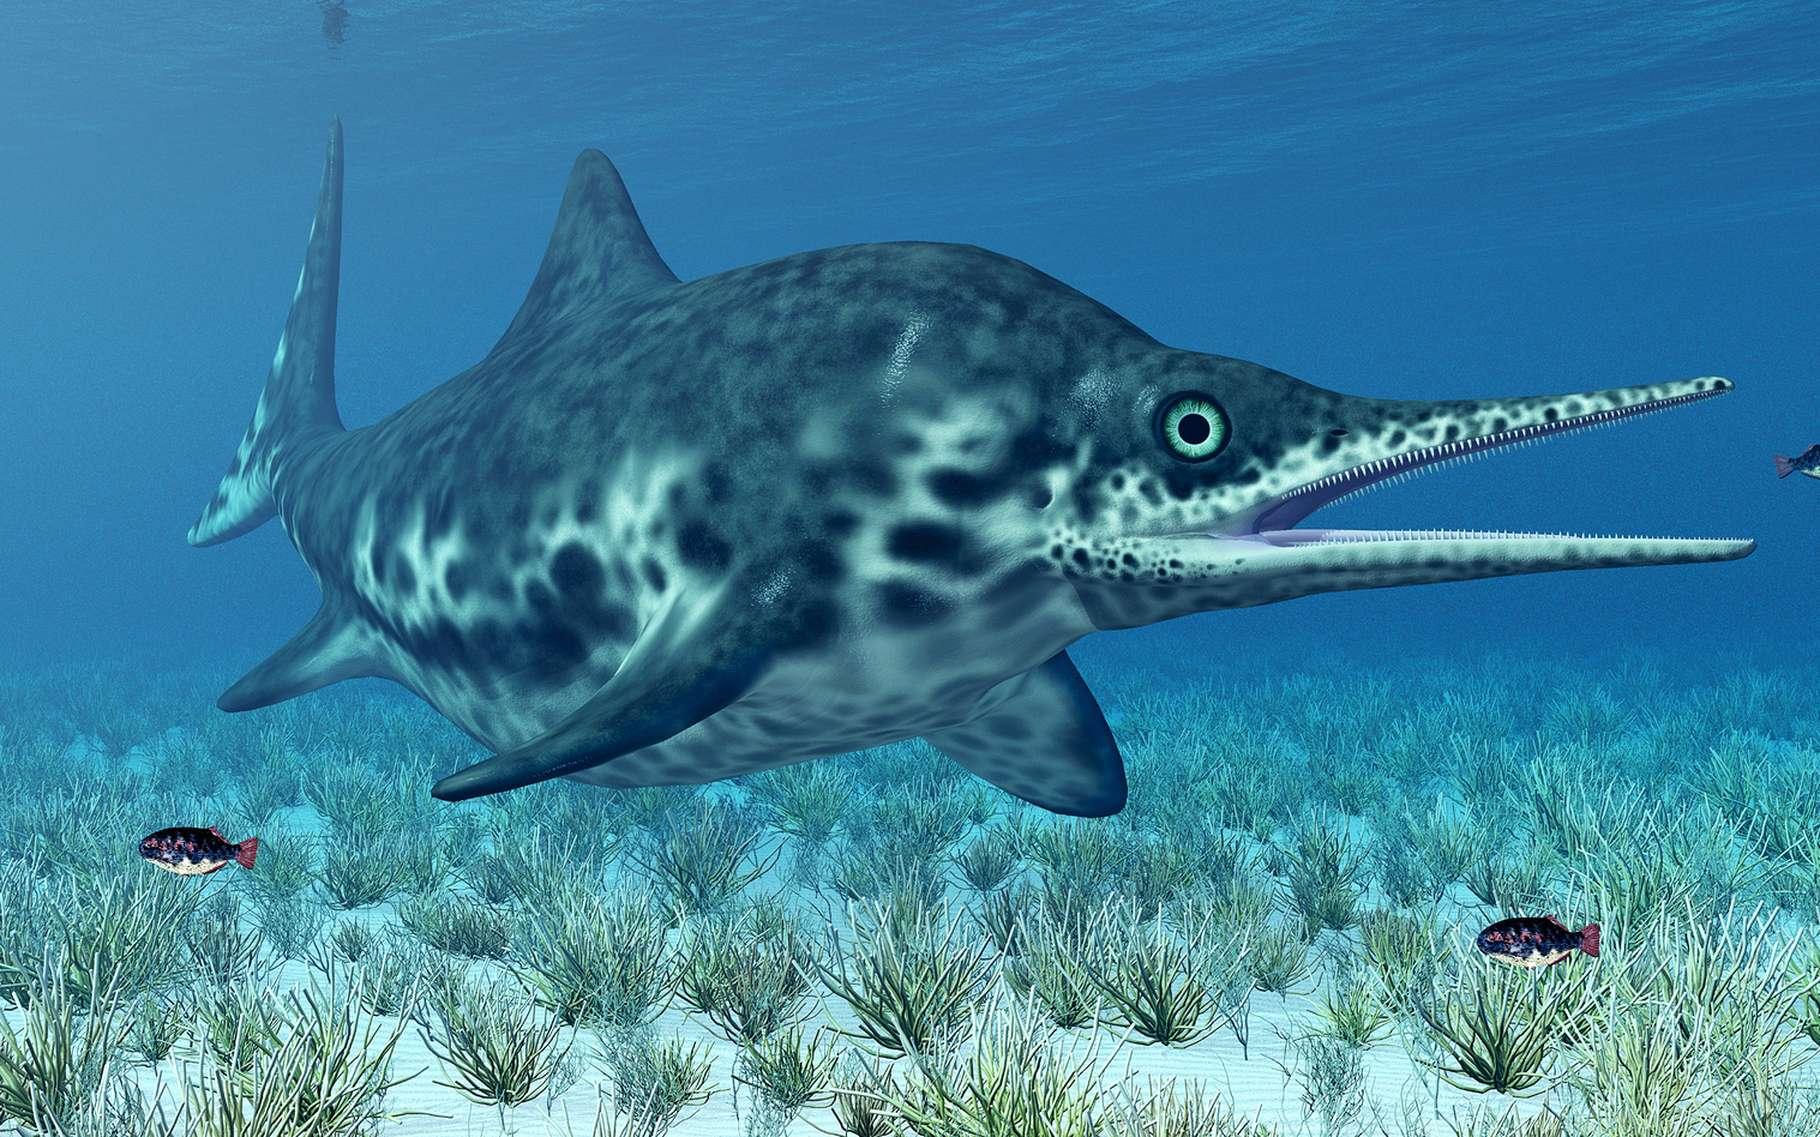 Les ichtyosaures sont apparus il y a 250 millions d'années, légèrement avant les dinosaures (230 millions d'années) et ont disparu peu avant eux. Ces vertébrés marins ressemblaient aux dauphins actuels. Comme eux, ils devaient venir respirer l'air à la surface des eaux. © Michael Rosskothen, Shutterstock